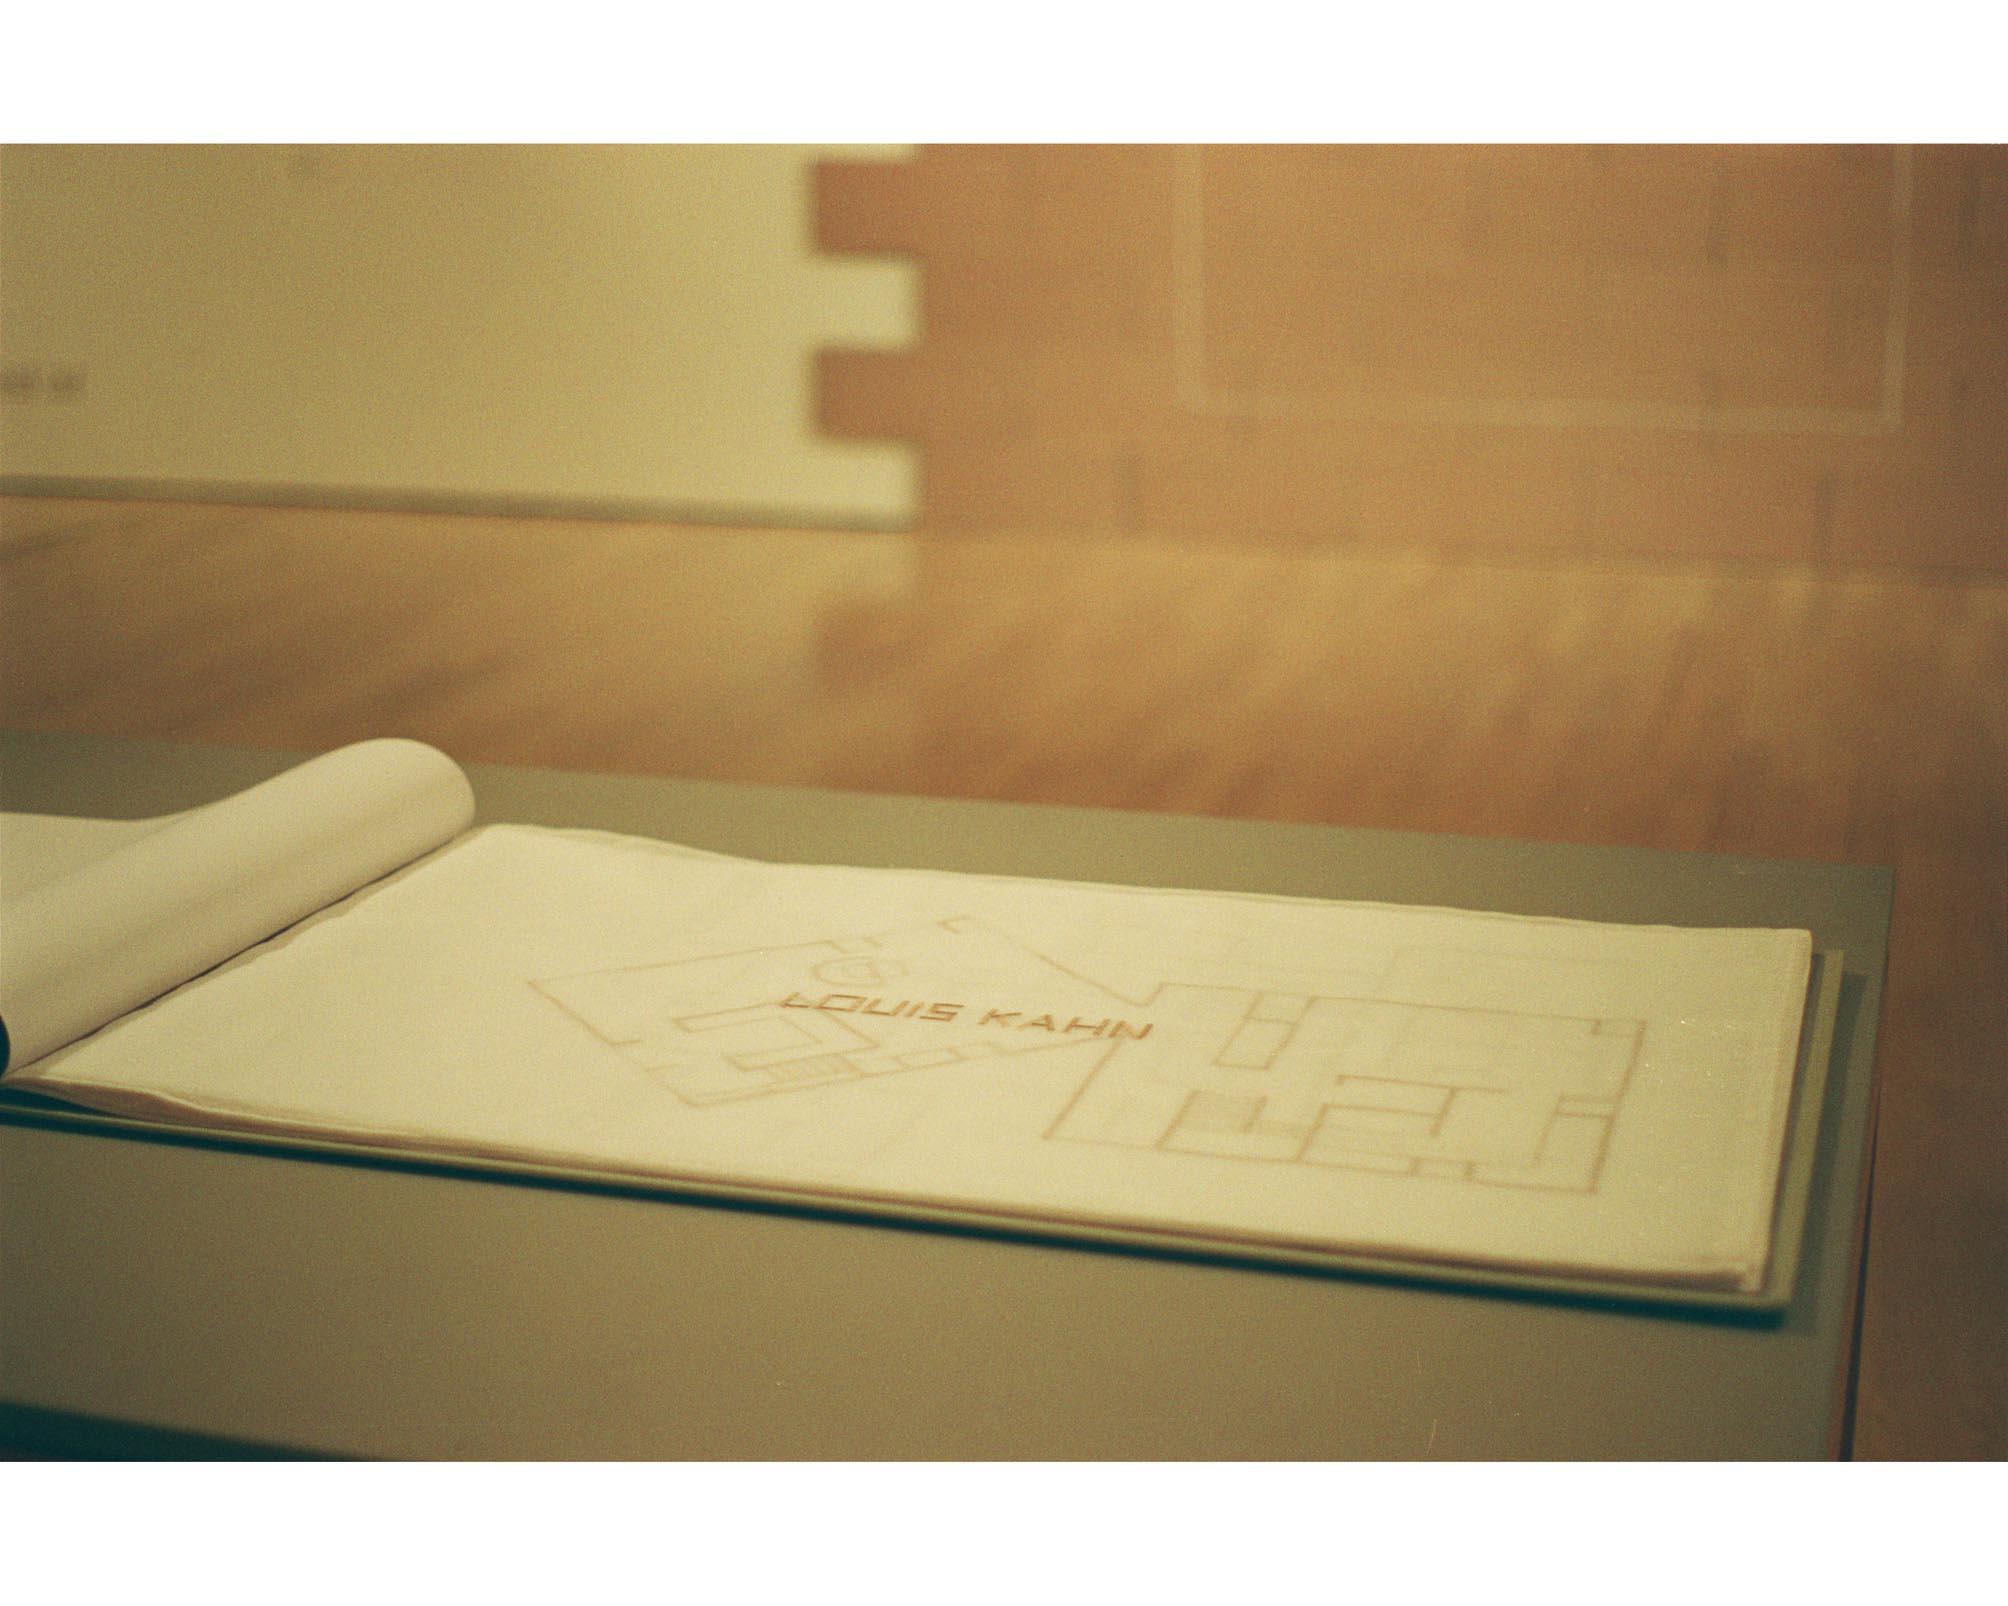 Architect Book, 2003, libro di tessuto aperto, pagine di tessile ricamato, cm 180 x 54